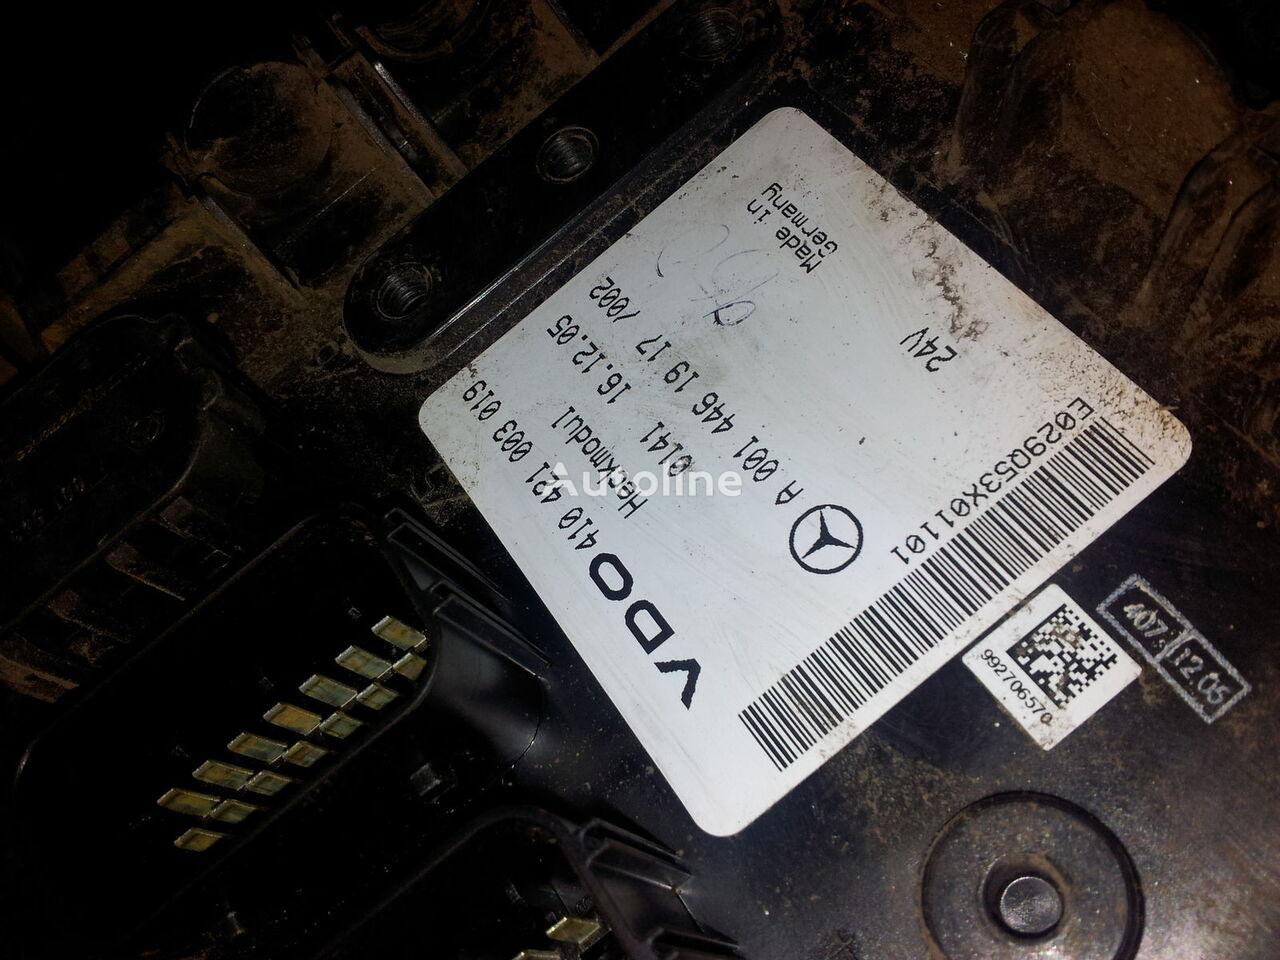 ελκυστήρας MERCEDES-BENZ Actros MP2; MP3 για μονάδα ελέγχου  MB Actros MP2, MP3, Heckmodul, control unit, EDC, ECU, rear module electronics, 0014461917, 0014462817, 0014462017,0014461917,0014462717,0014461617, 41021003020, 410421003019, 0014462817